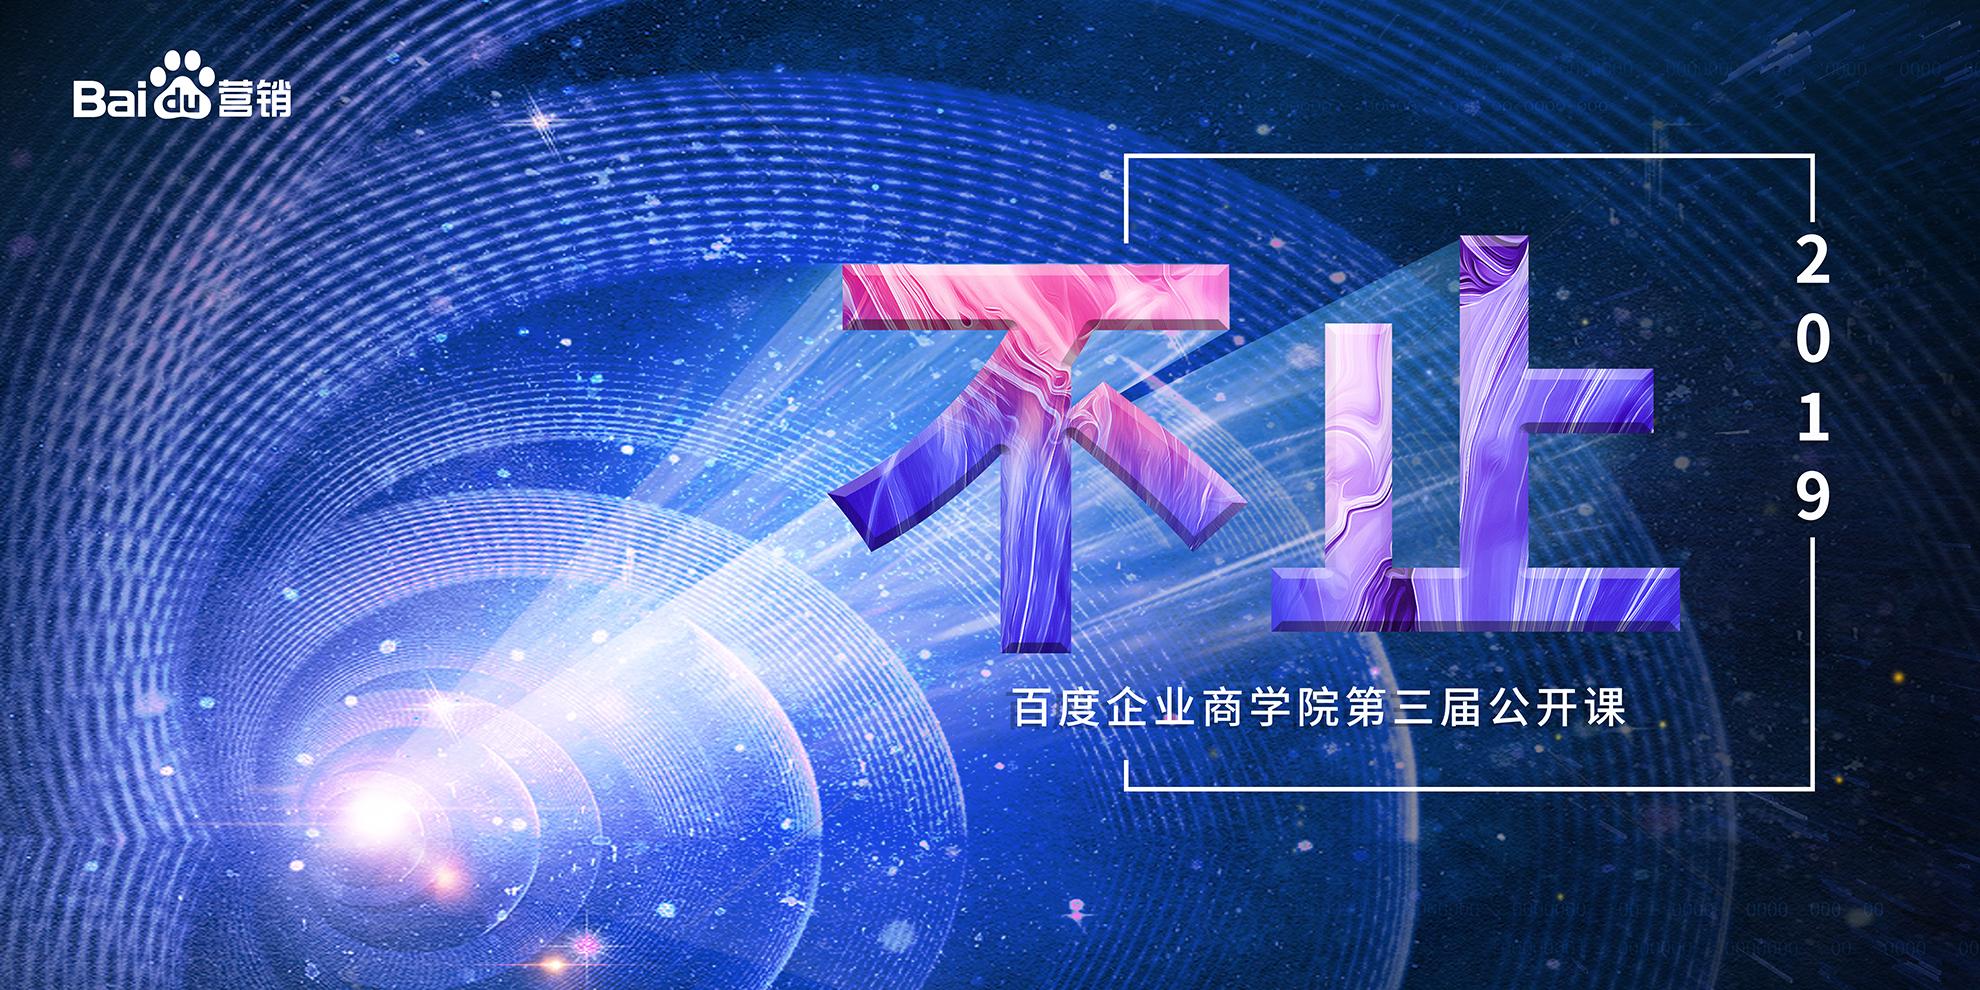 百度企业商学院kv-微信.jpg